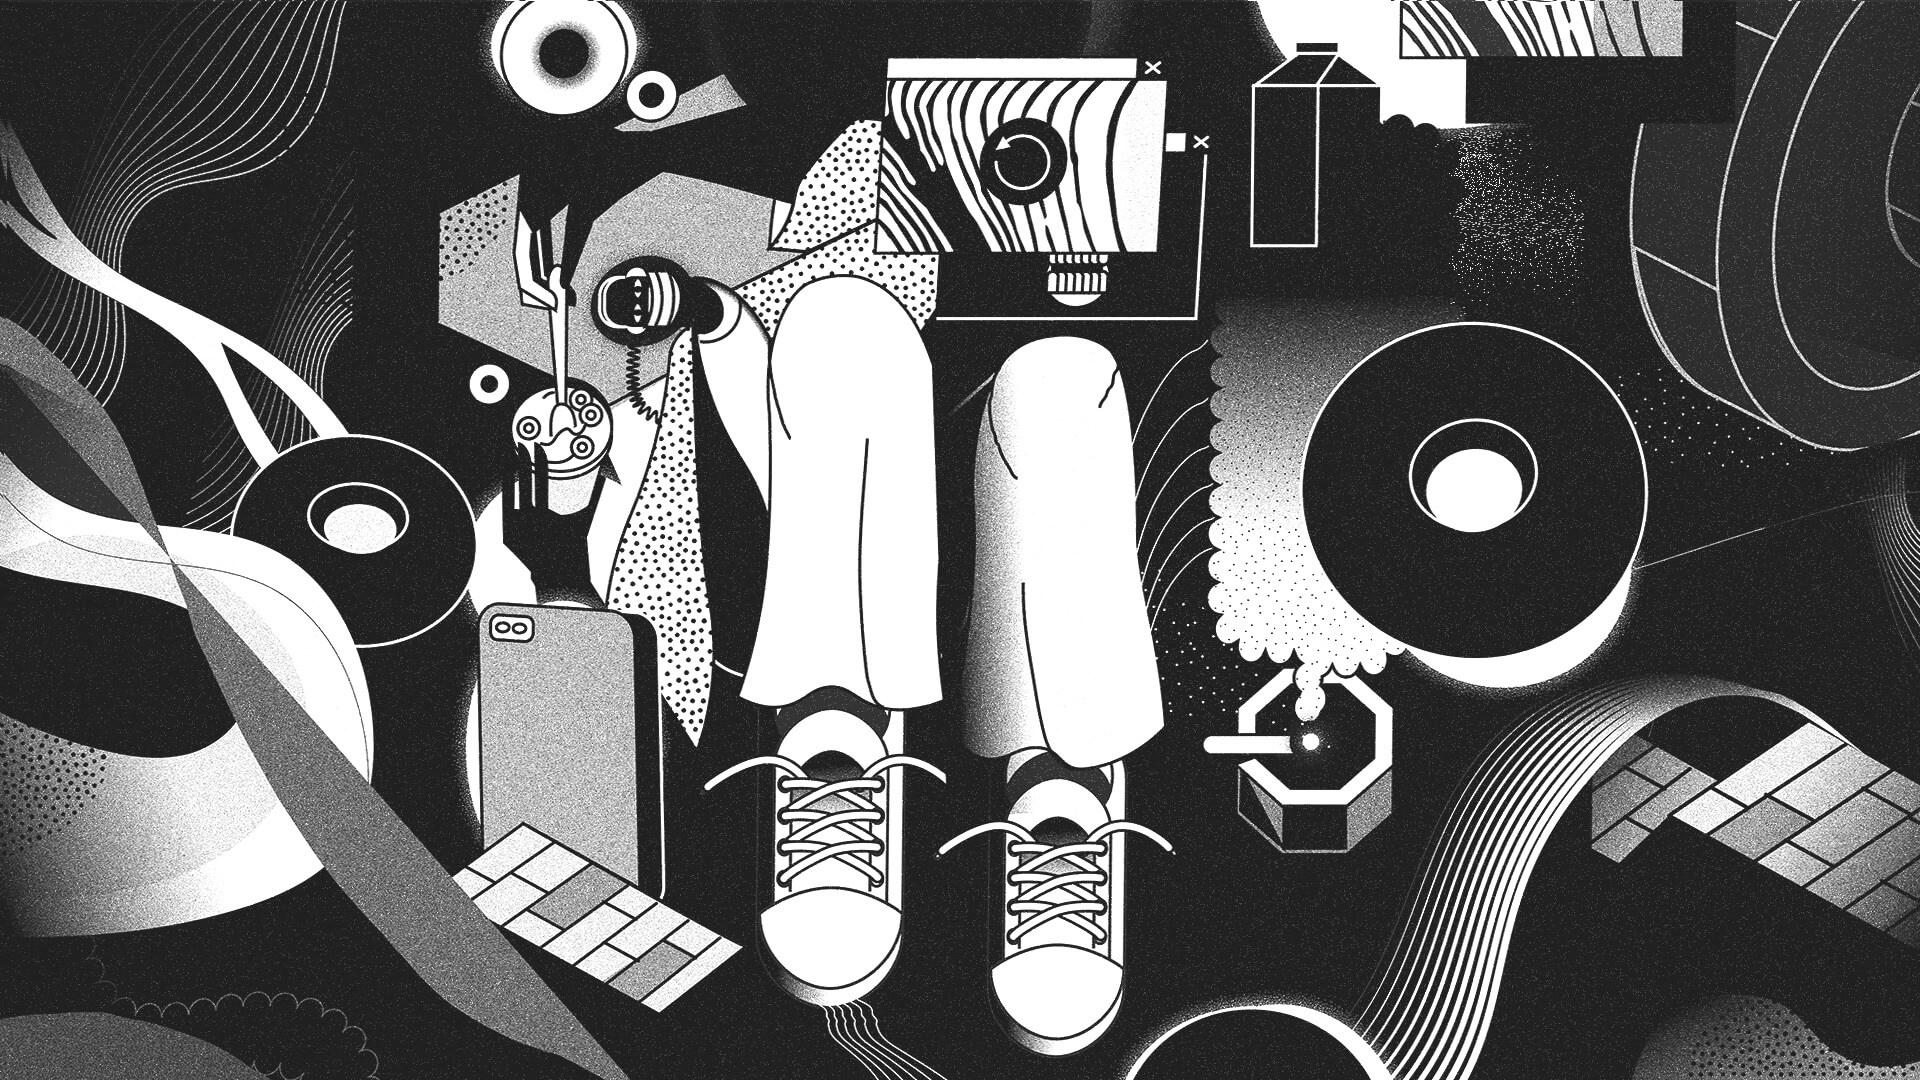 Artist of the month: <a href='https://alonbraier.com/' target='_blank'>Alon Braier</a>